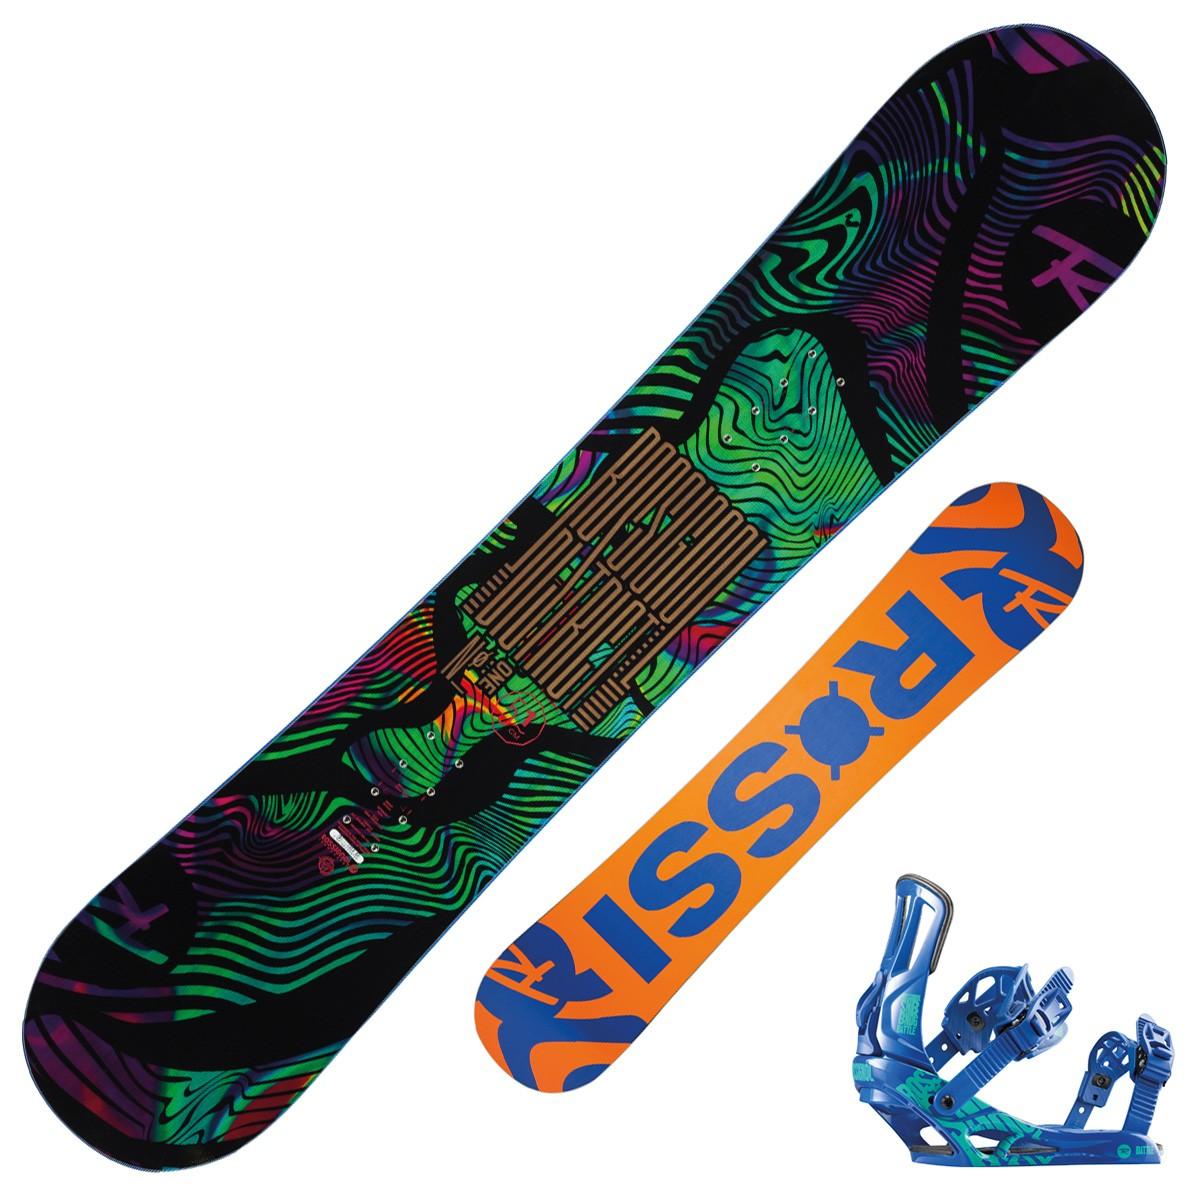 Snowboard Rossignol District Wide + attacchi Battle Color XL (Colore: nero fantasia, Taglia: 146)